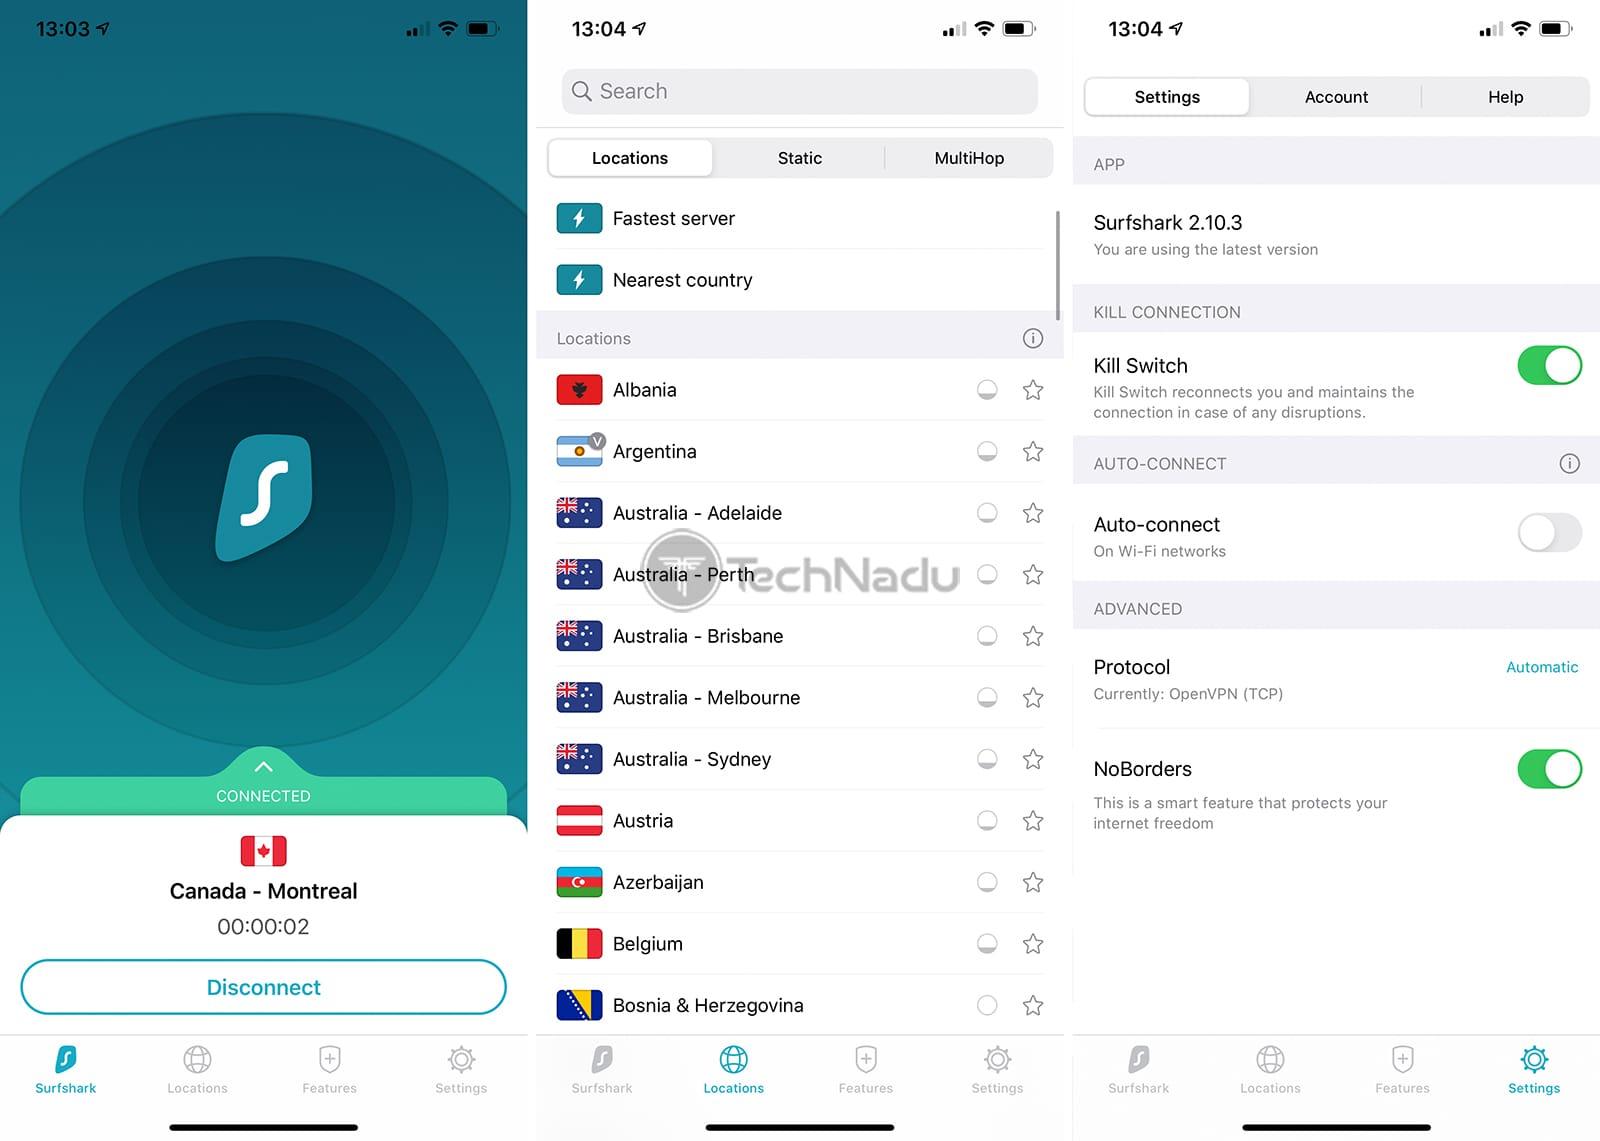 Surfshark iOS App